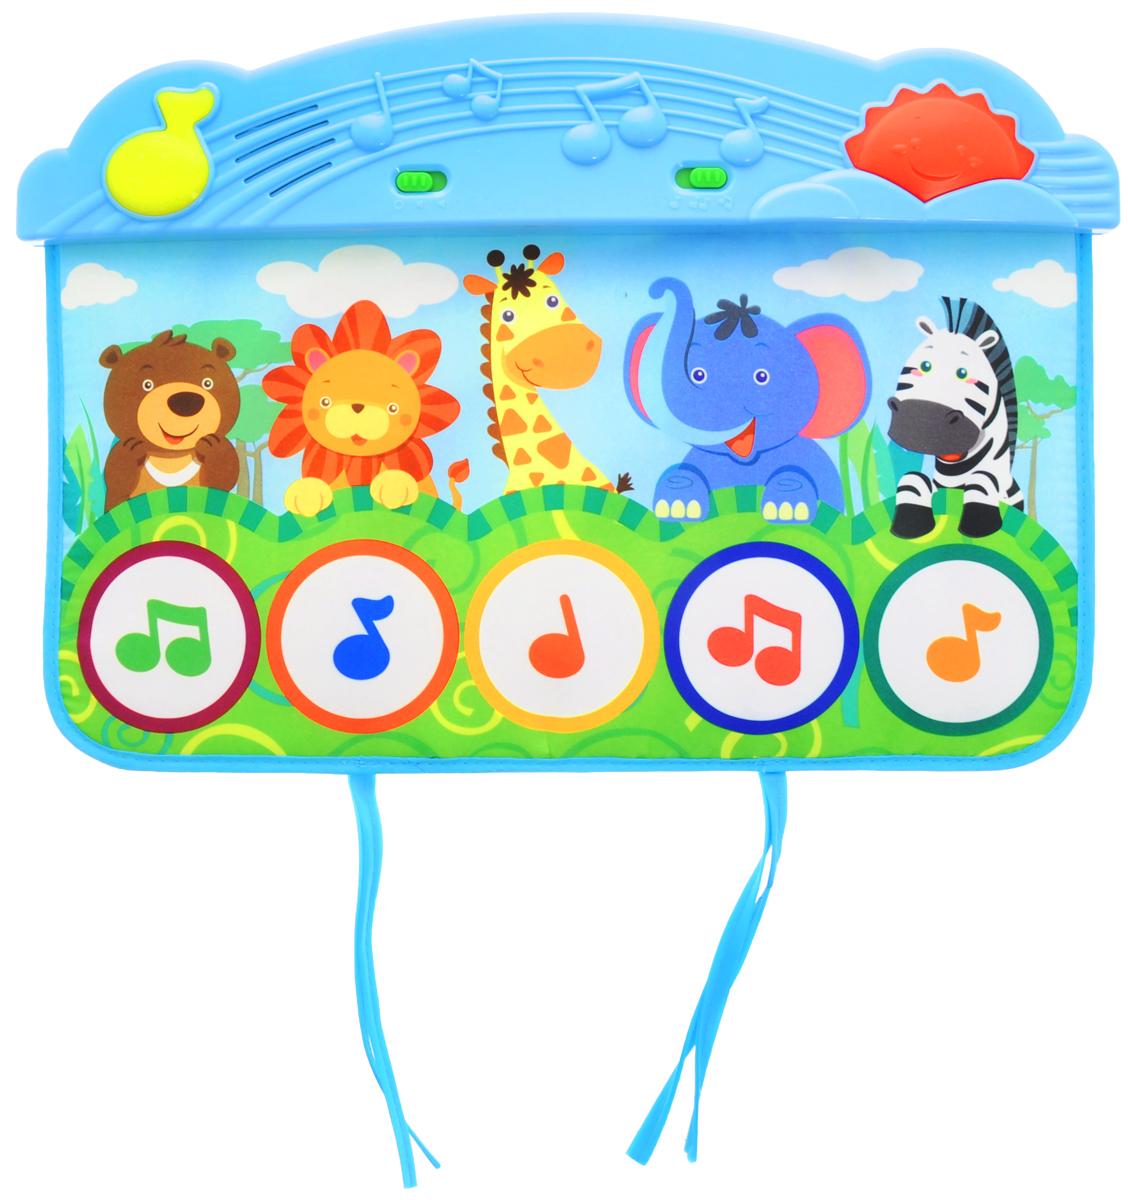 Жирафики Развивающий музыкальный коврик Веселый зоопарк мобили жирафики мобиль жирафики зоопарк музыкальный 2 режима